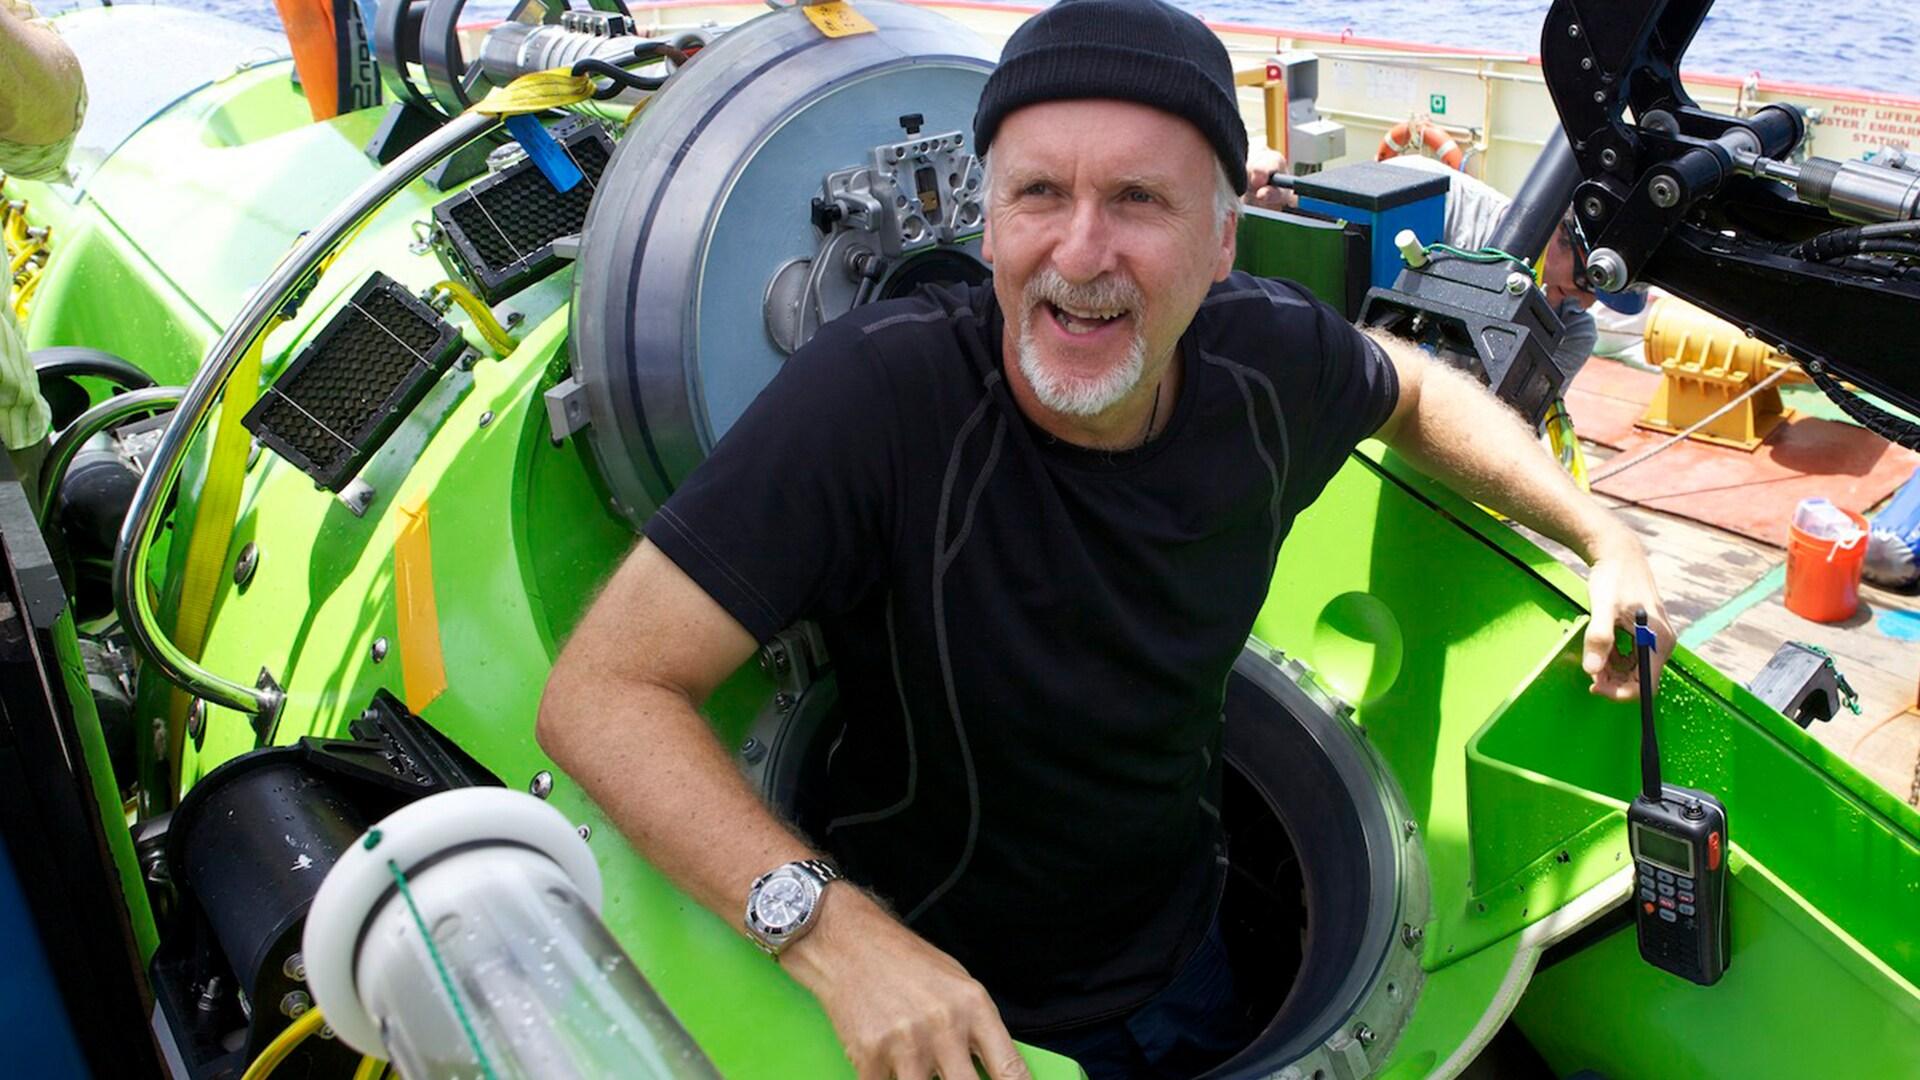 James Cameron's Deepsea Challenge